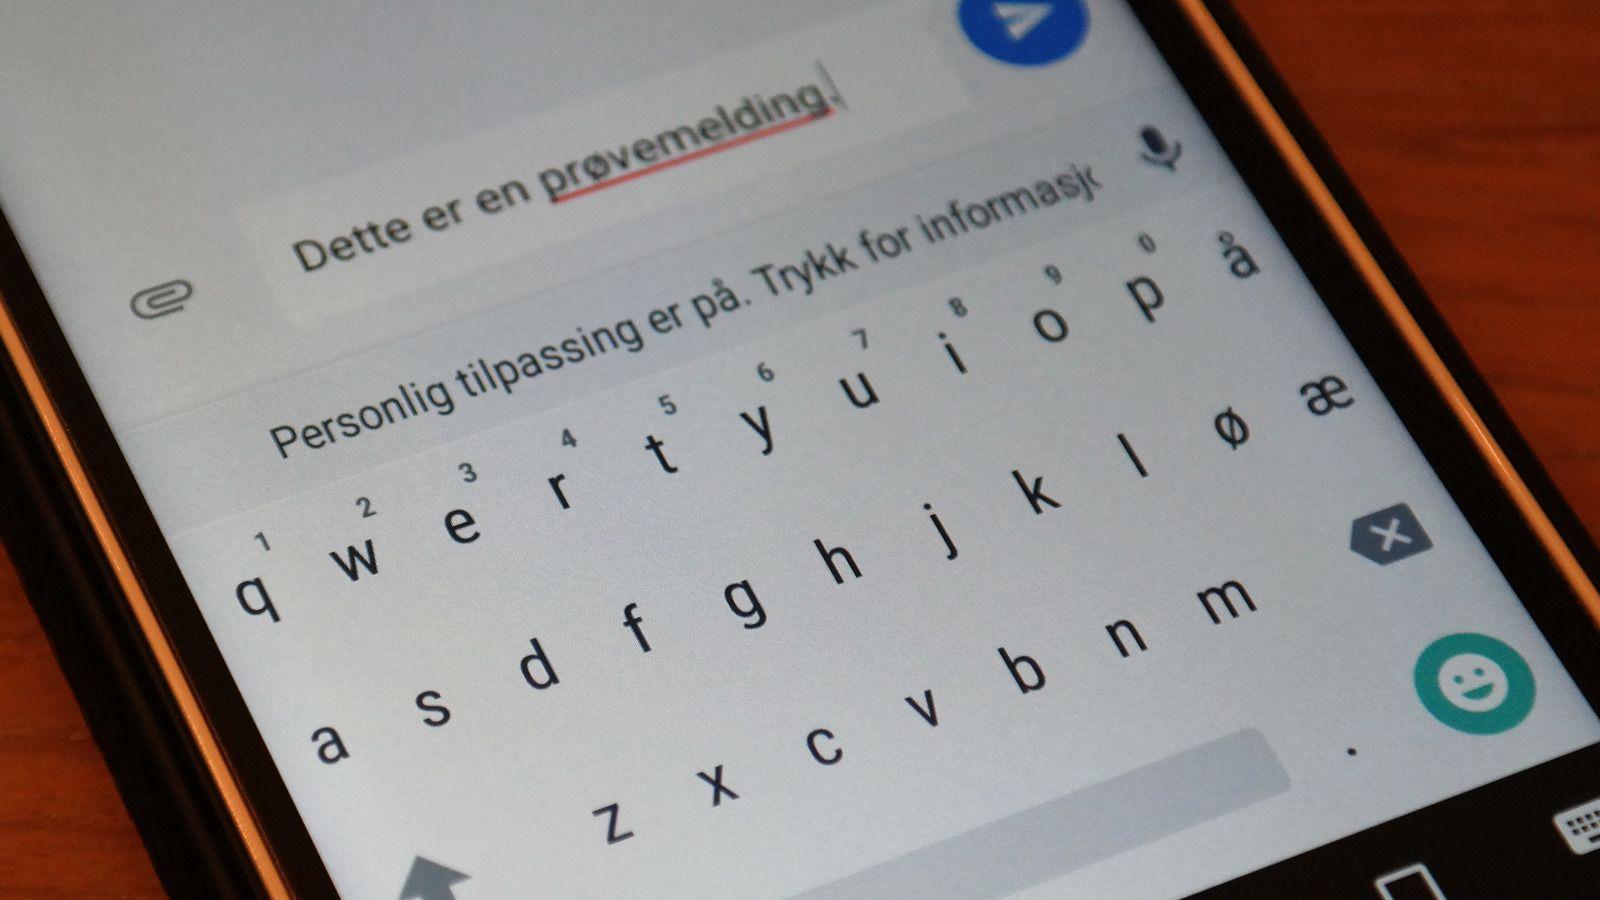 Tastaturet er slik vi kjenner det fra Lollipop. Foto: Espen Irwing Swang, Tek.no